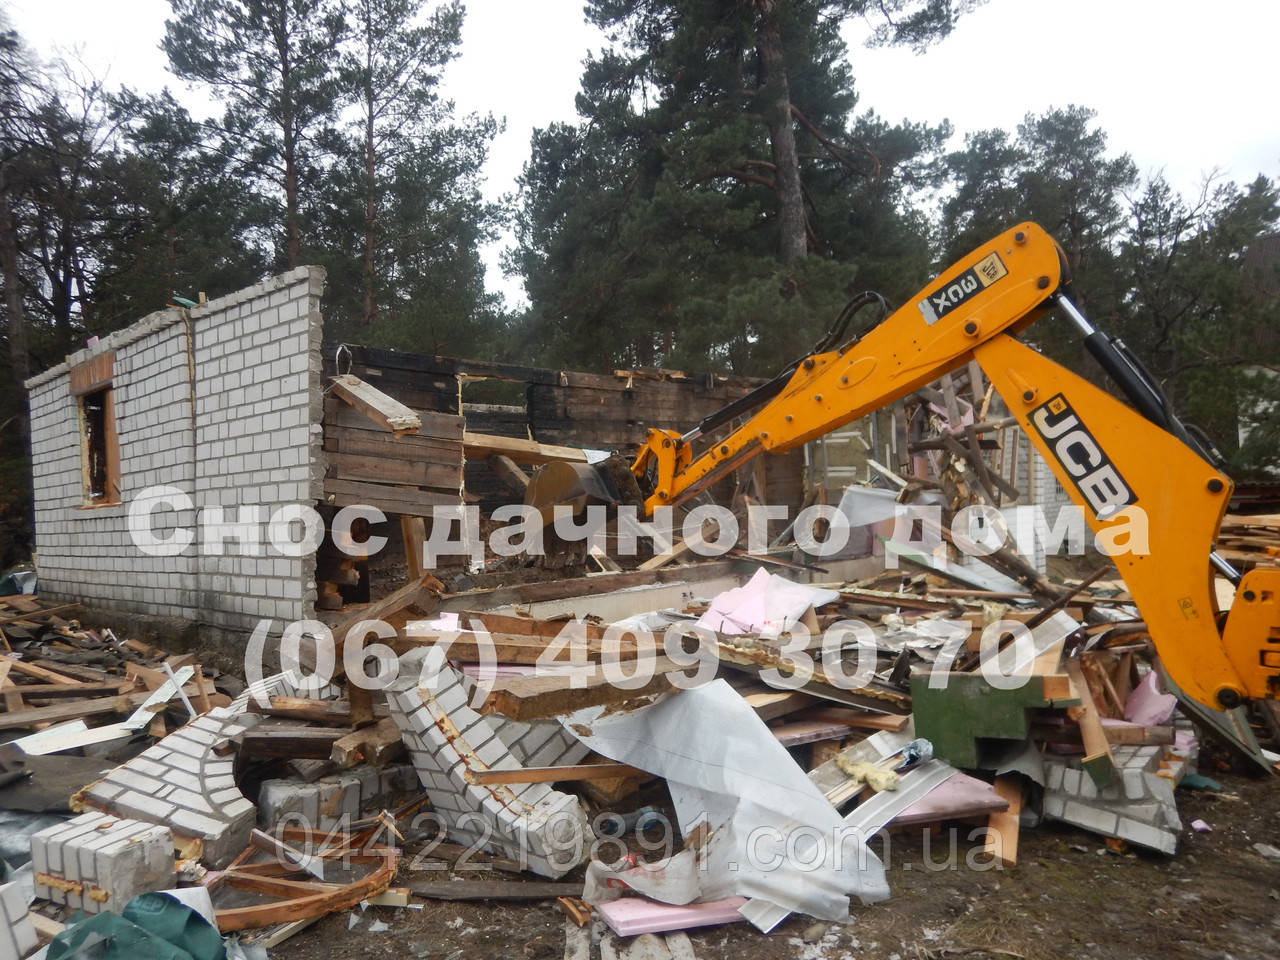 Снос дачного дома. Демонтаж садовых домиков.